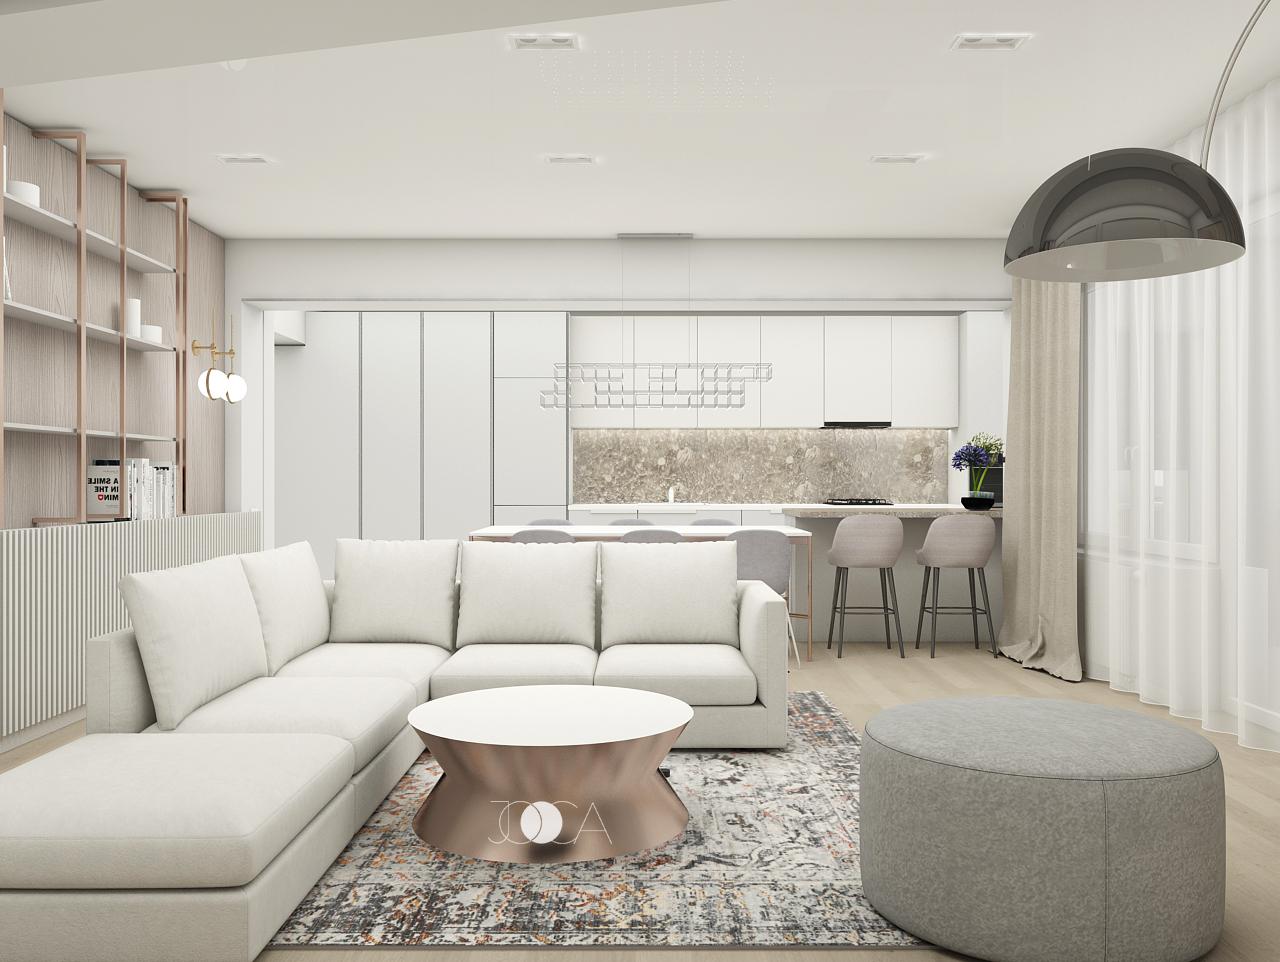 Accentele de cupru se continua si in zona living-ului. Covorul cu aspect vintage se contureaza perfect pe fundalul neutru din restul amenajarii.